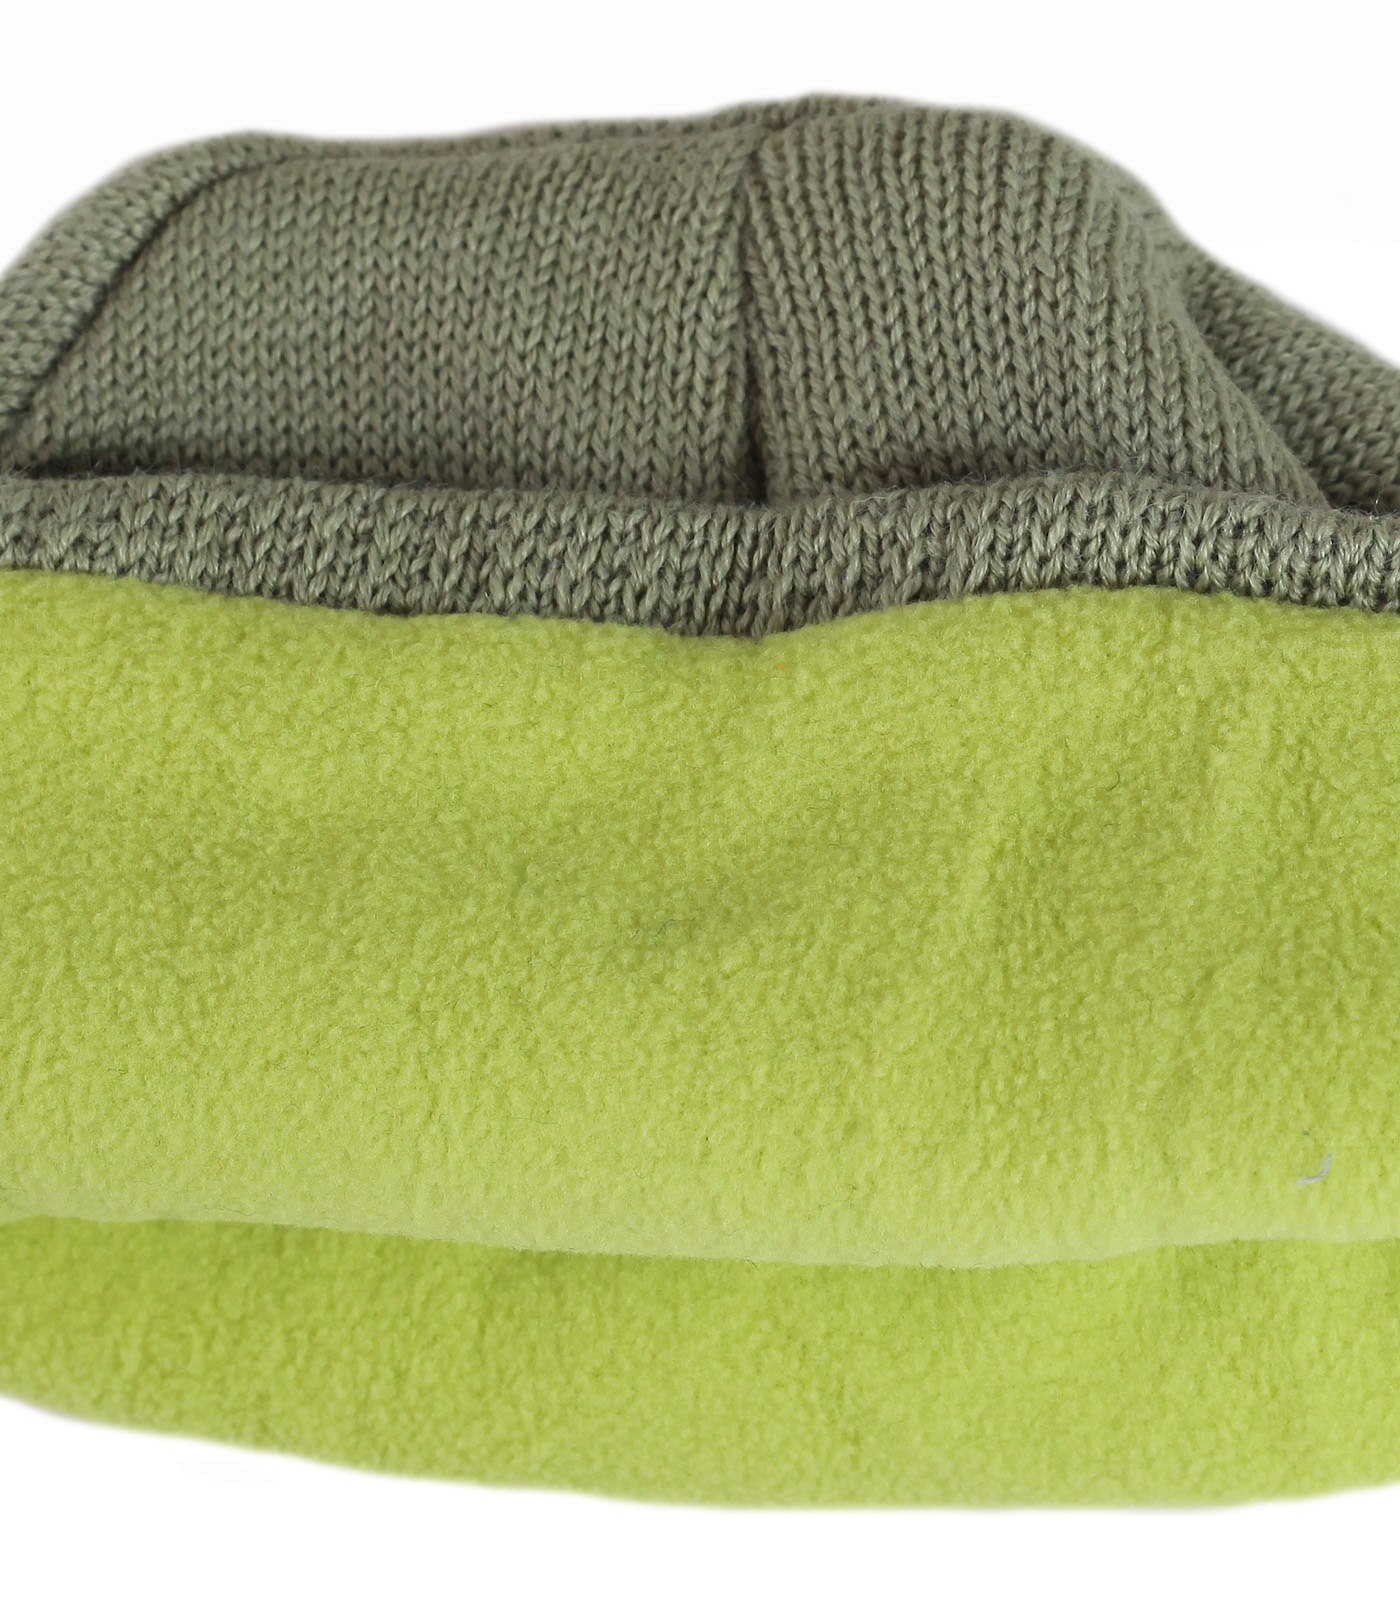 Купить симпатичную мужскую зимнюю шапку на флисе - основа комфортного базового гардероба по лучшей цене